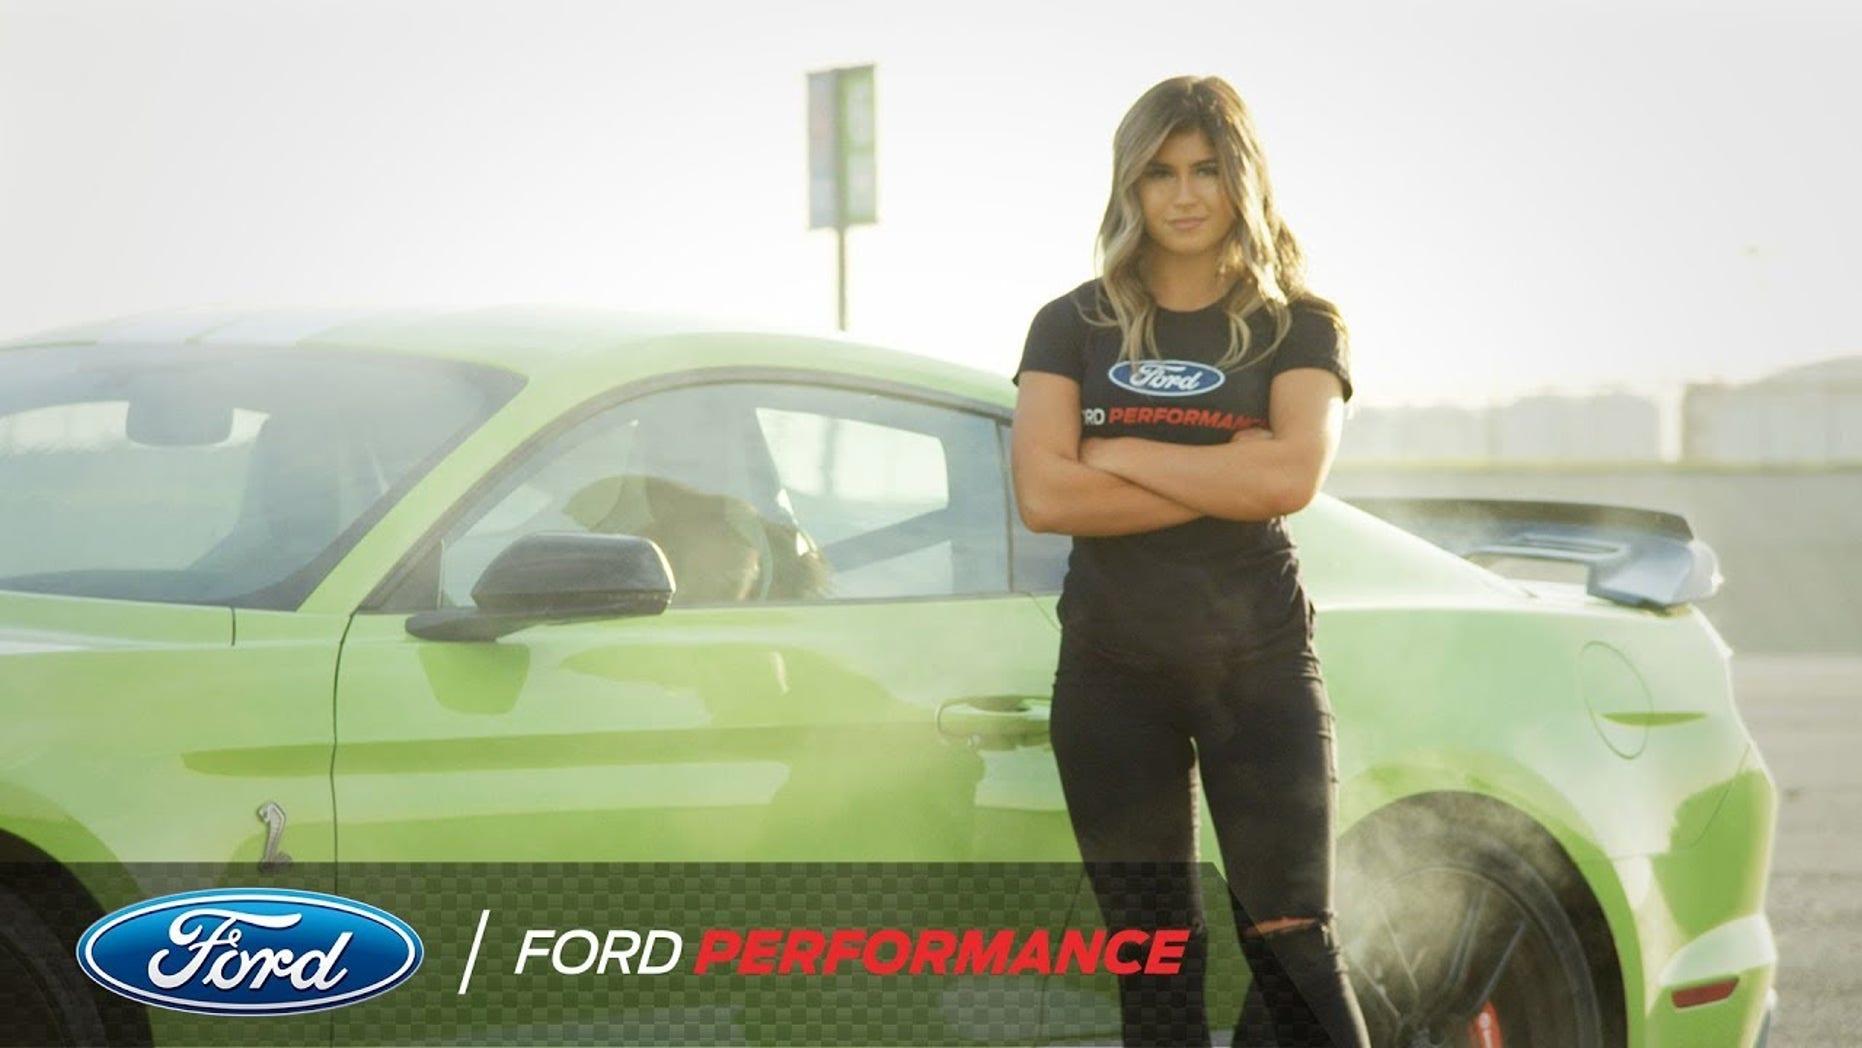 NASCAR star Hailie Deegan